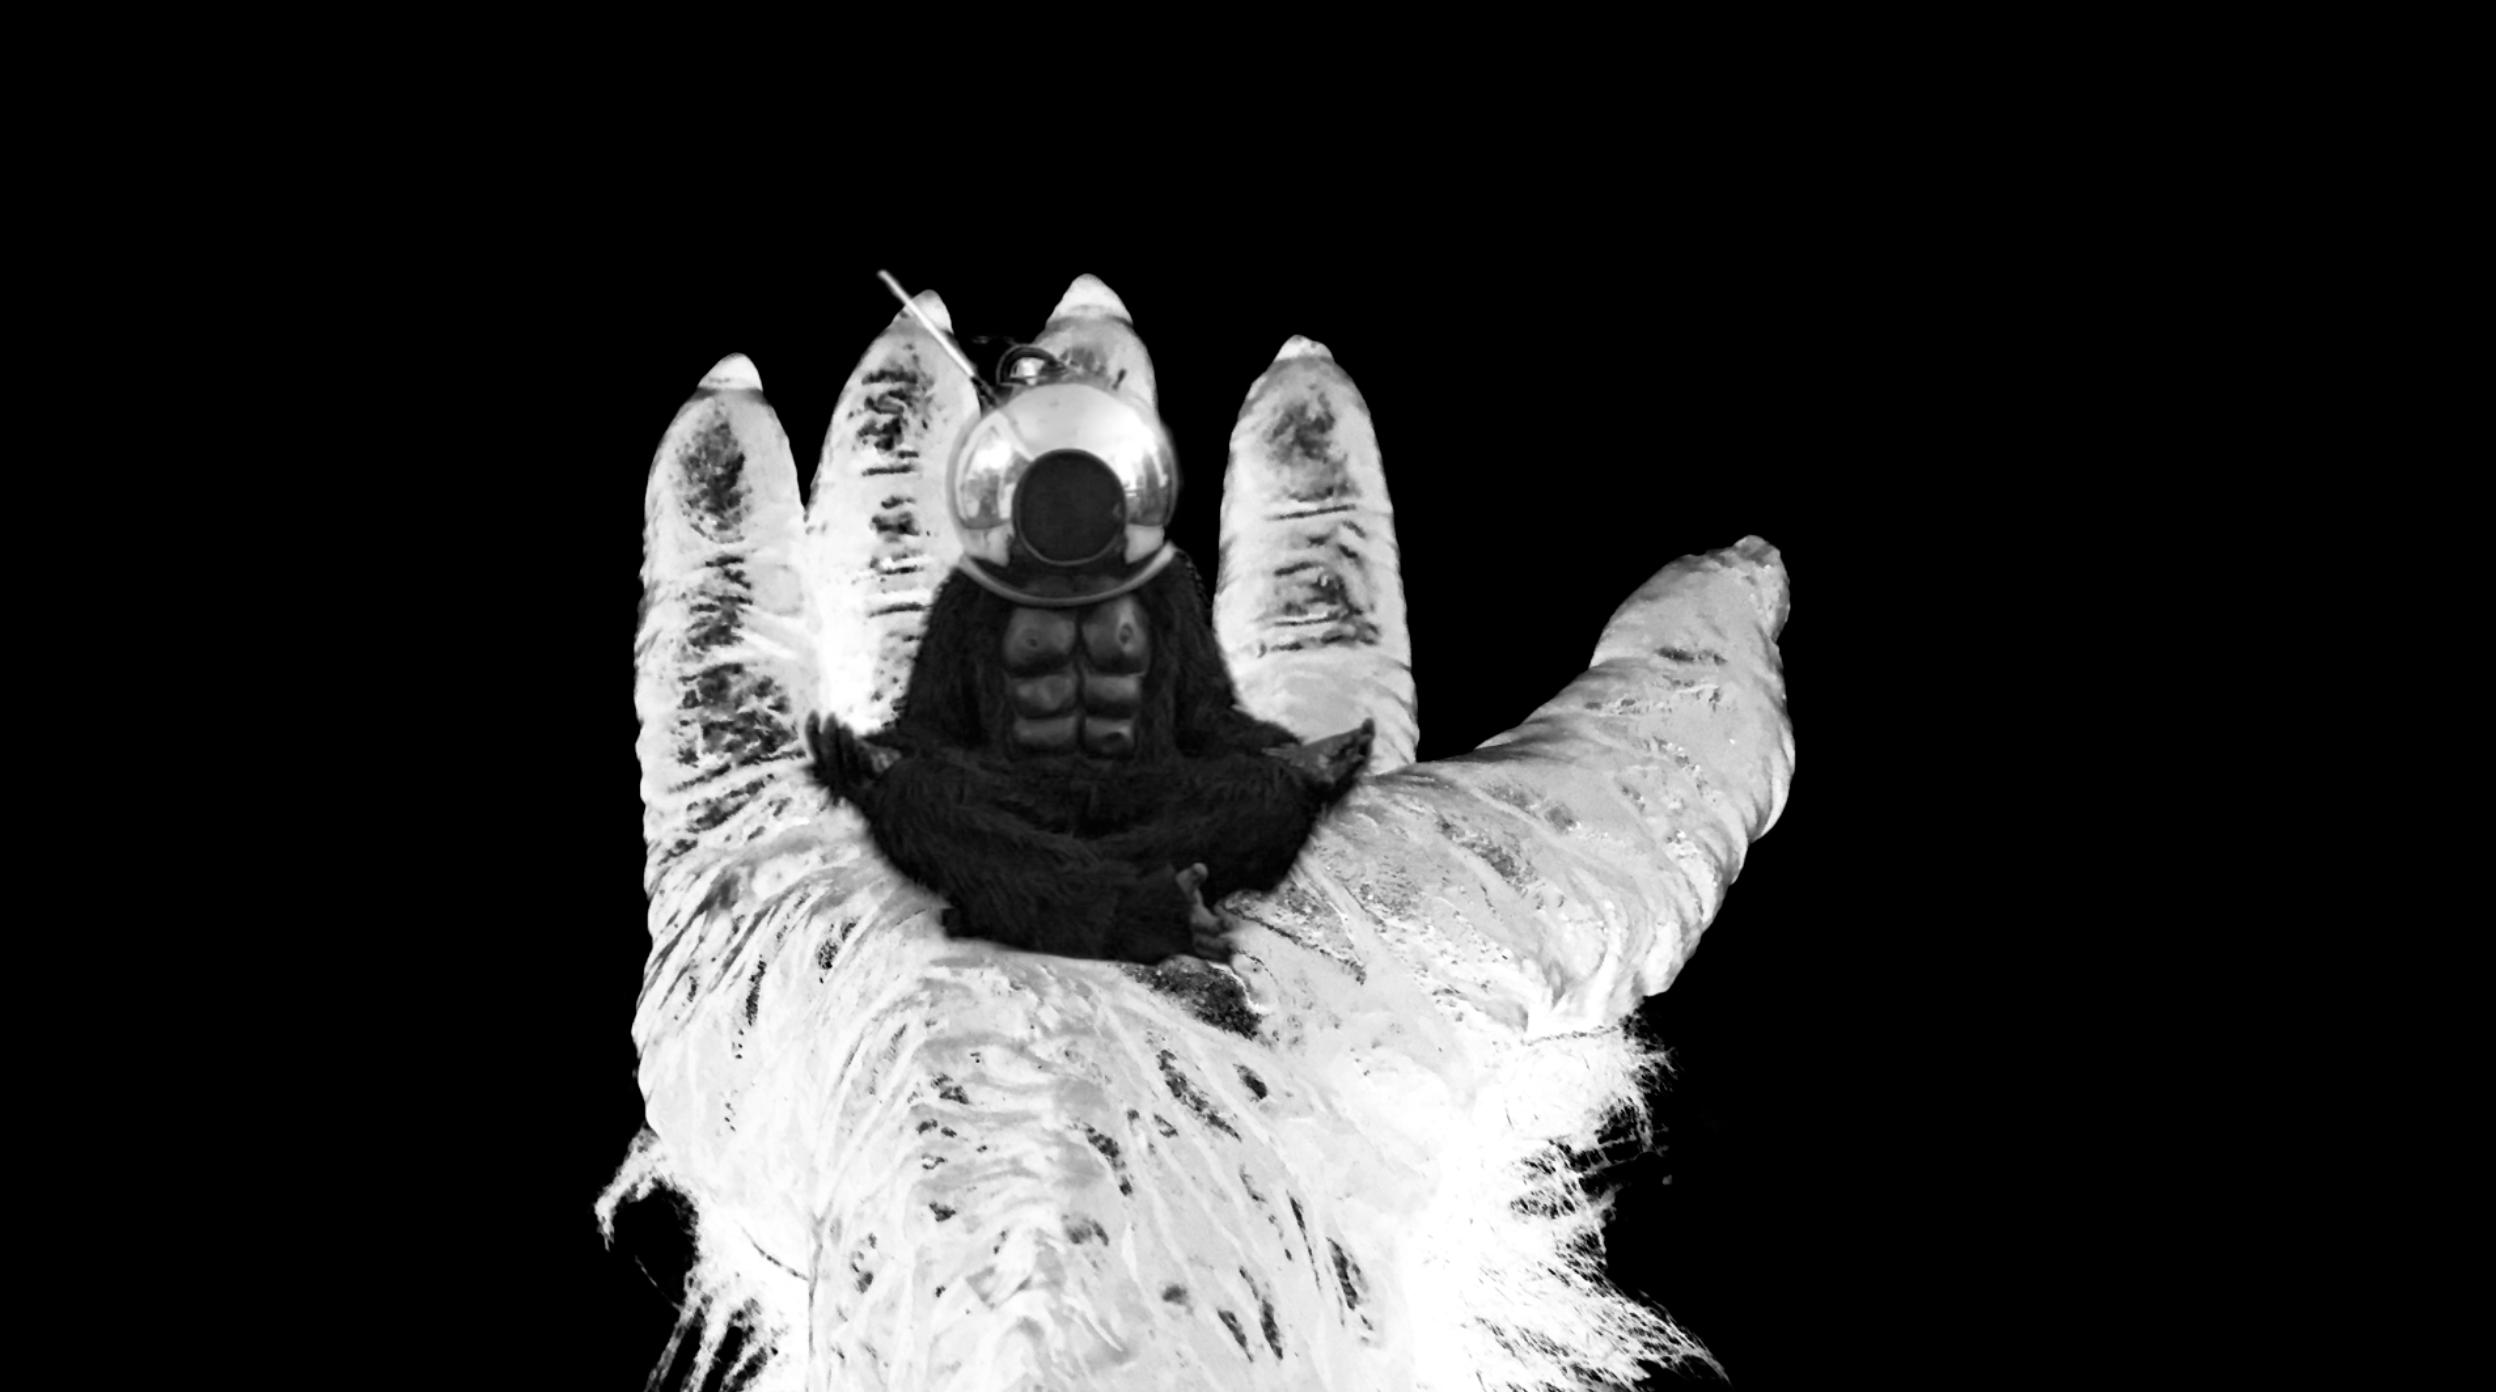 Karl Erickson, We Could Be Transcendent Apes , digital video still. 2016